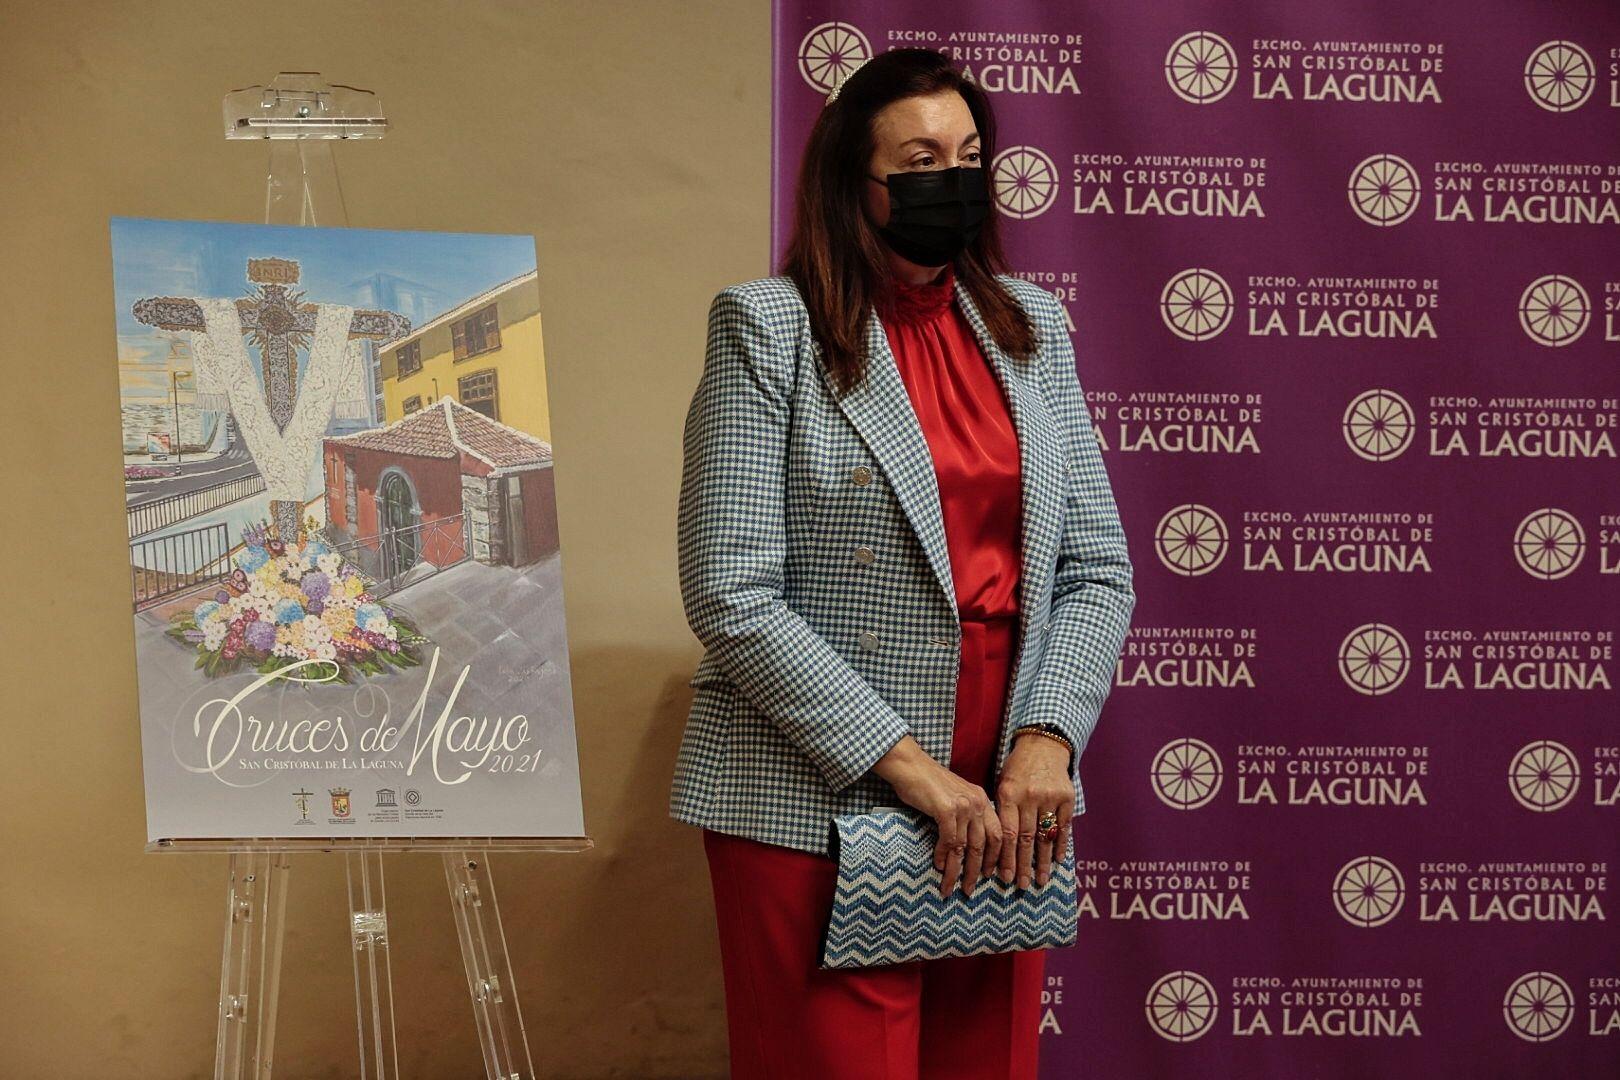 Presentación de las cruces de mayo de La Laguna